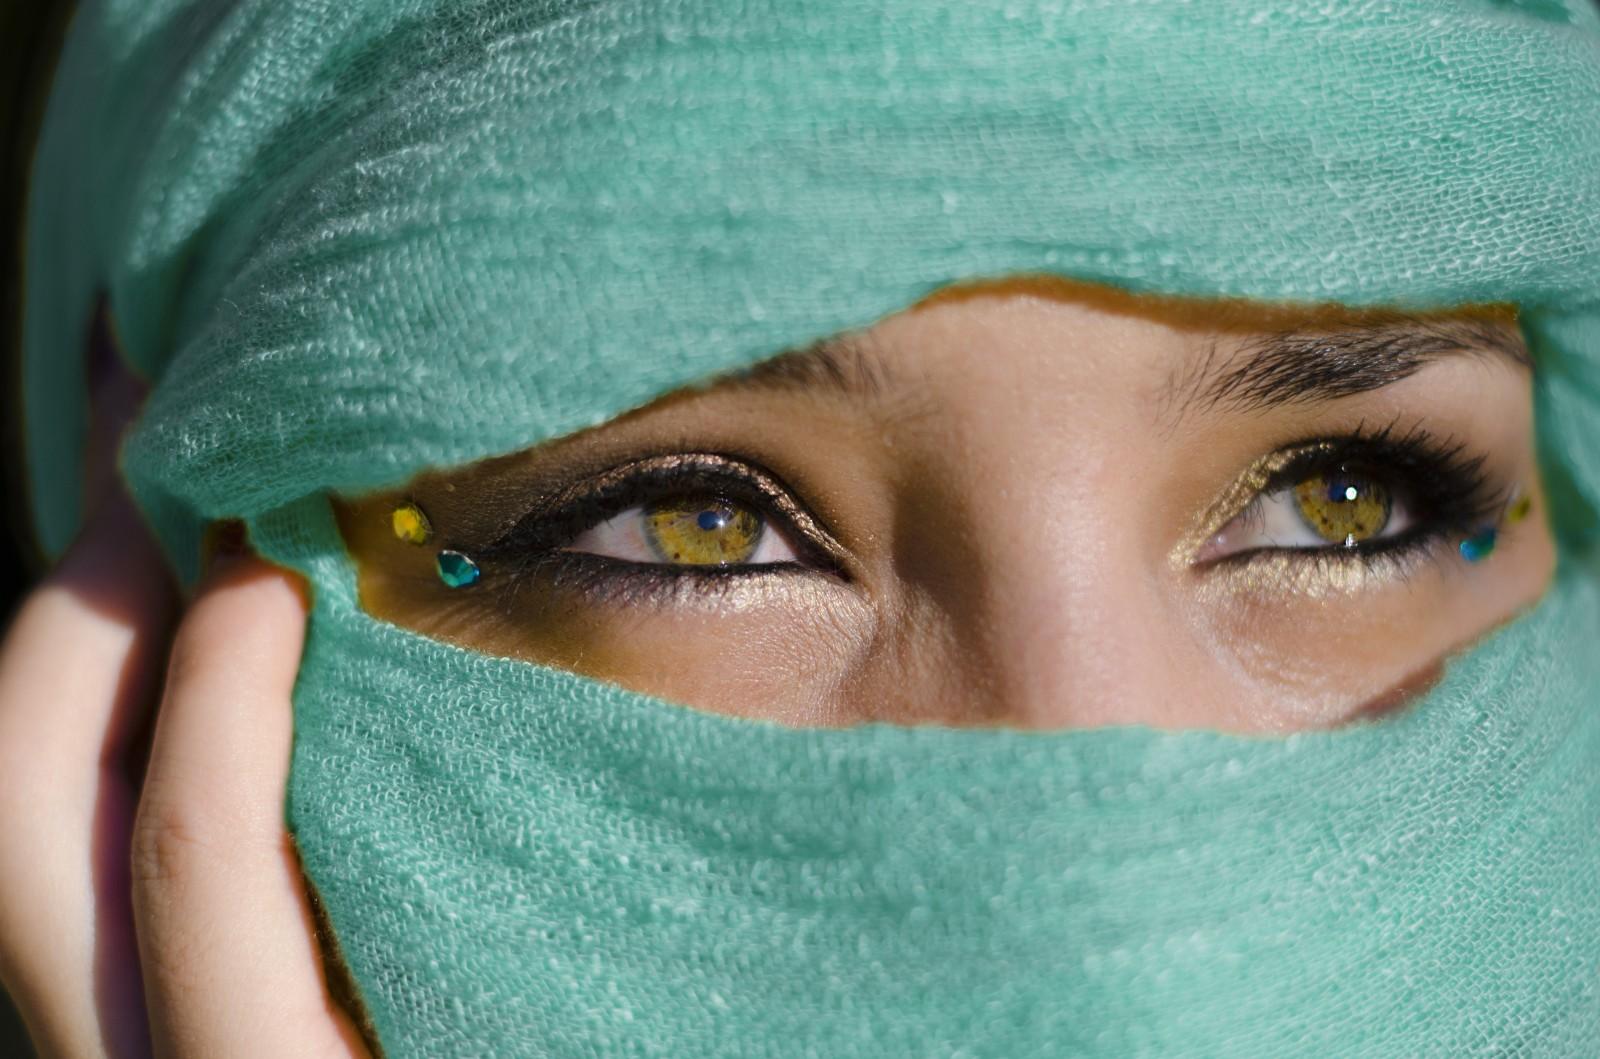 Οι καθημερινές συνήθειες που αποτελούν «καταστροφή» για το δέρμα των ματιών μας